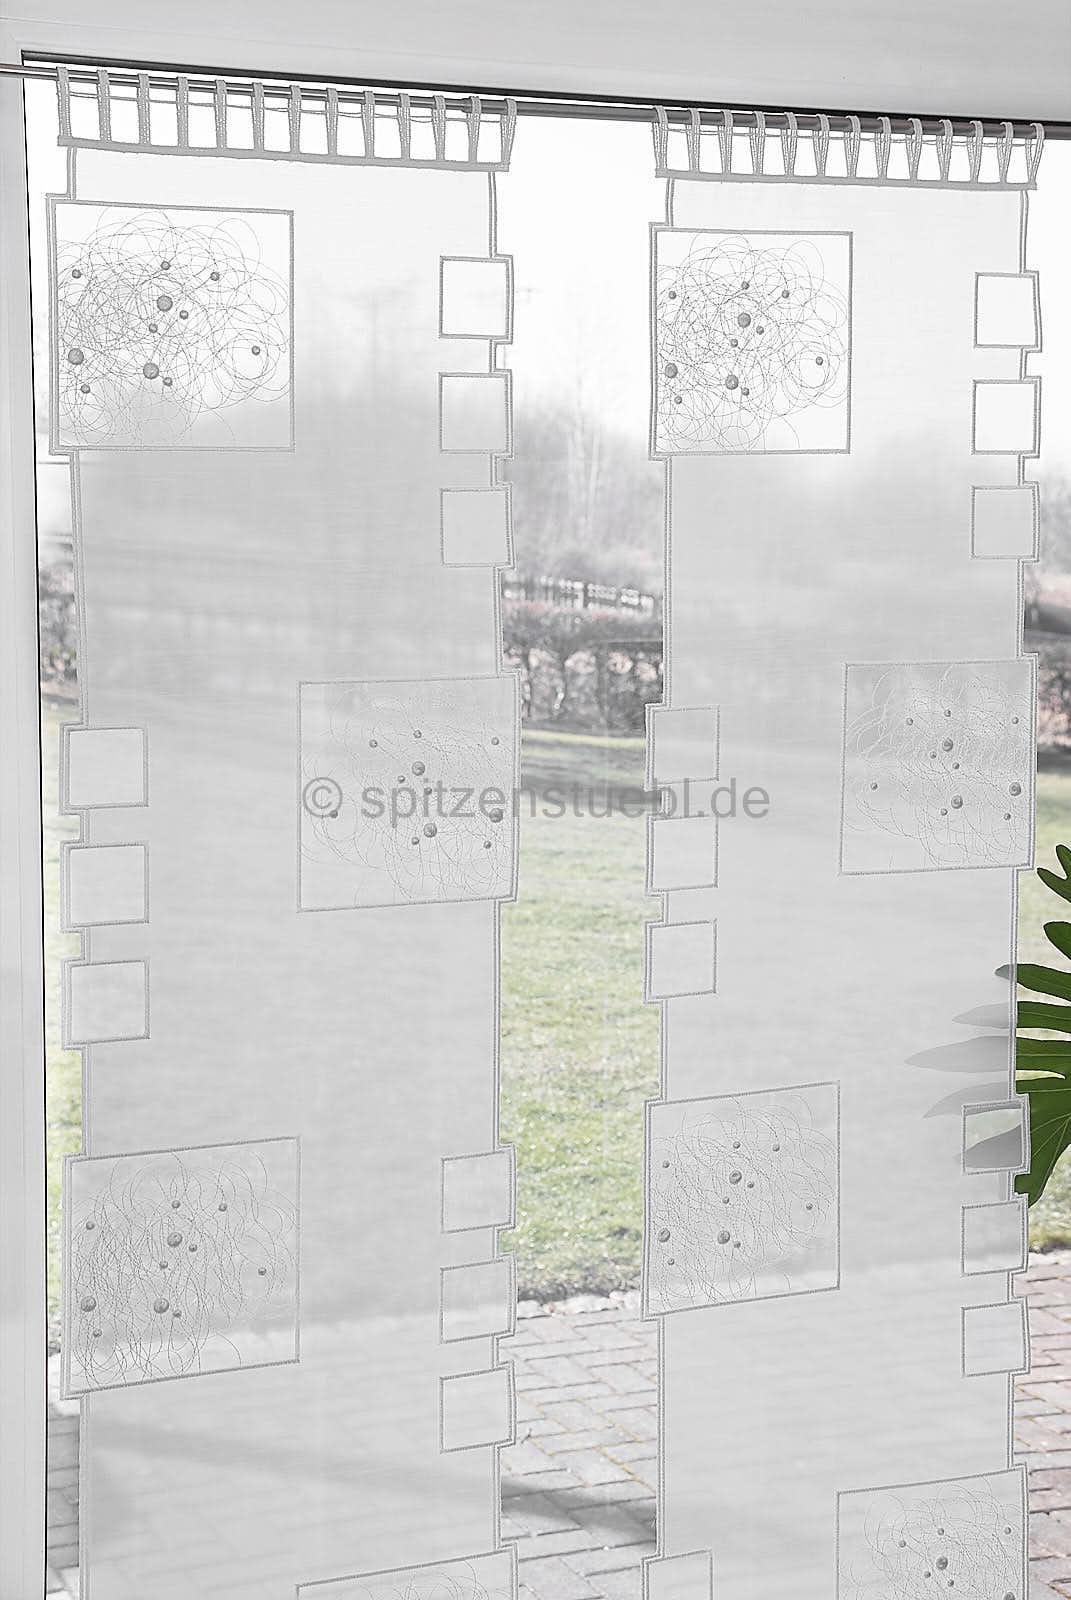 Full Size of Scheibengardinen Modern Plauener Spitze Online Modernes Bett 180x200 Moderne Deckenleuchte Wohnzimmer Design Bilder Deckenlampen Küche Holz Fürs Weiss Wohnzimmer Scheibengardinen Modern